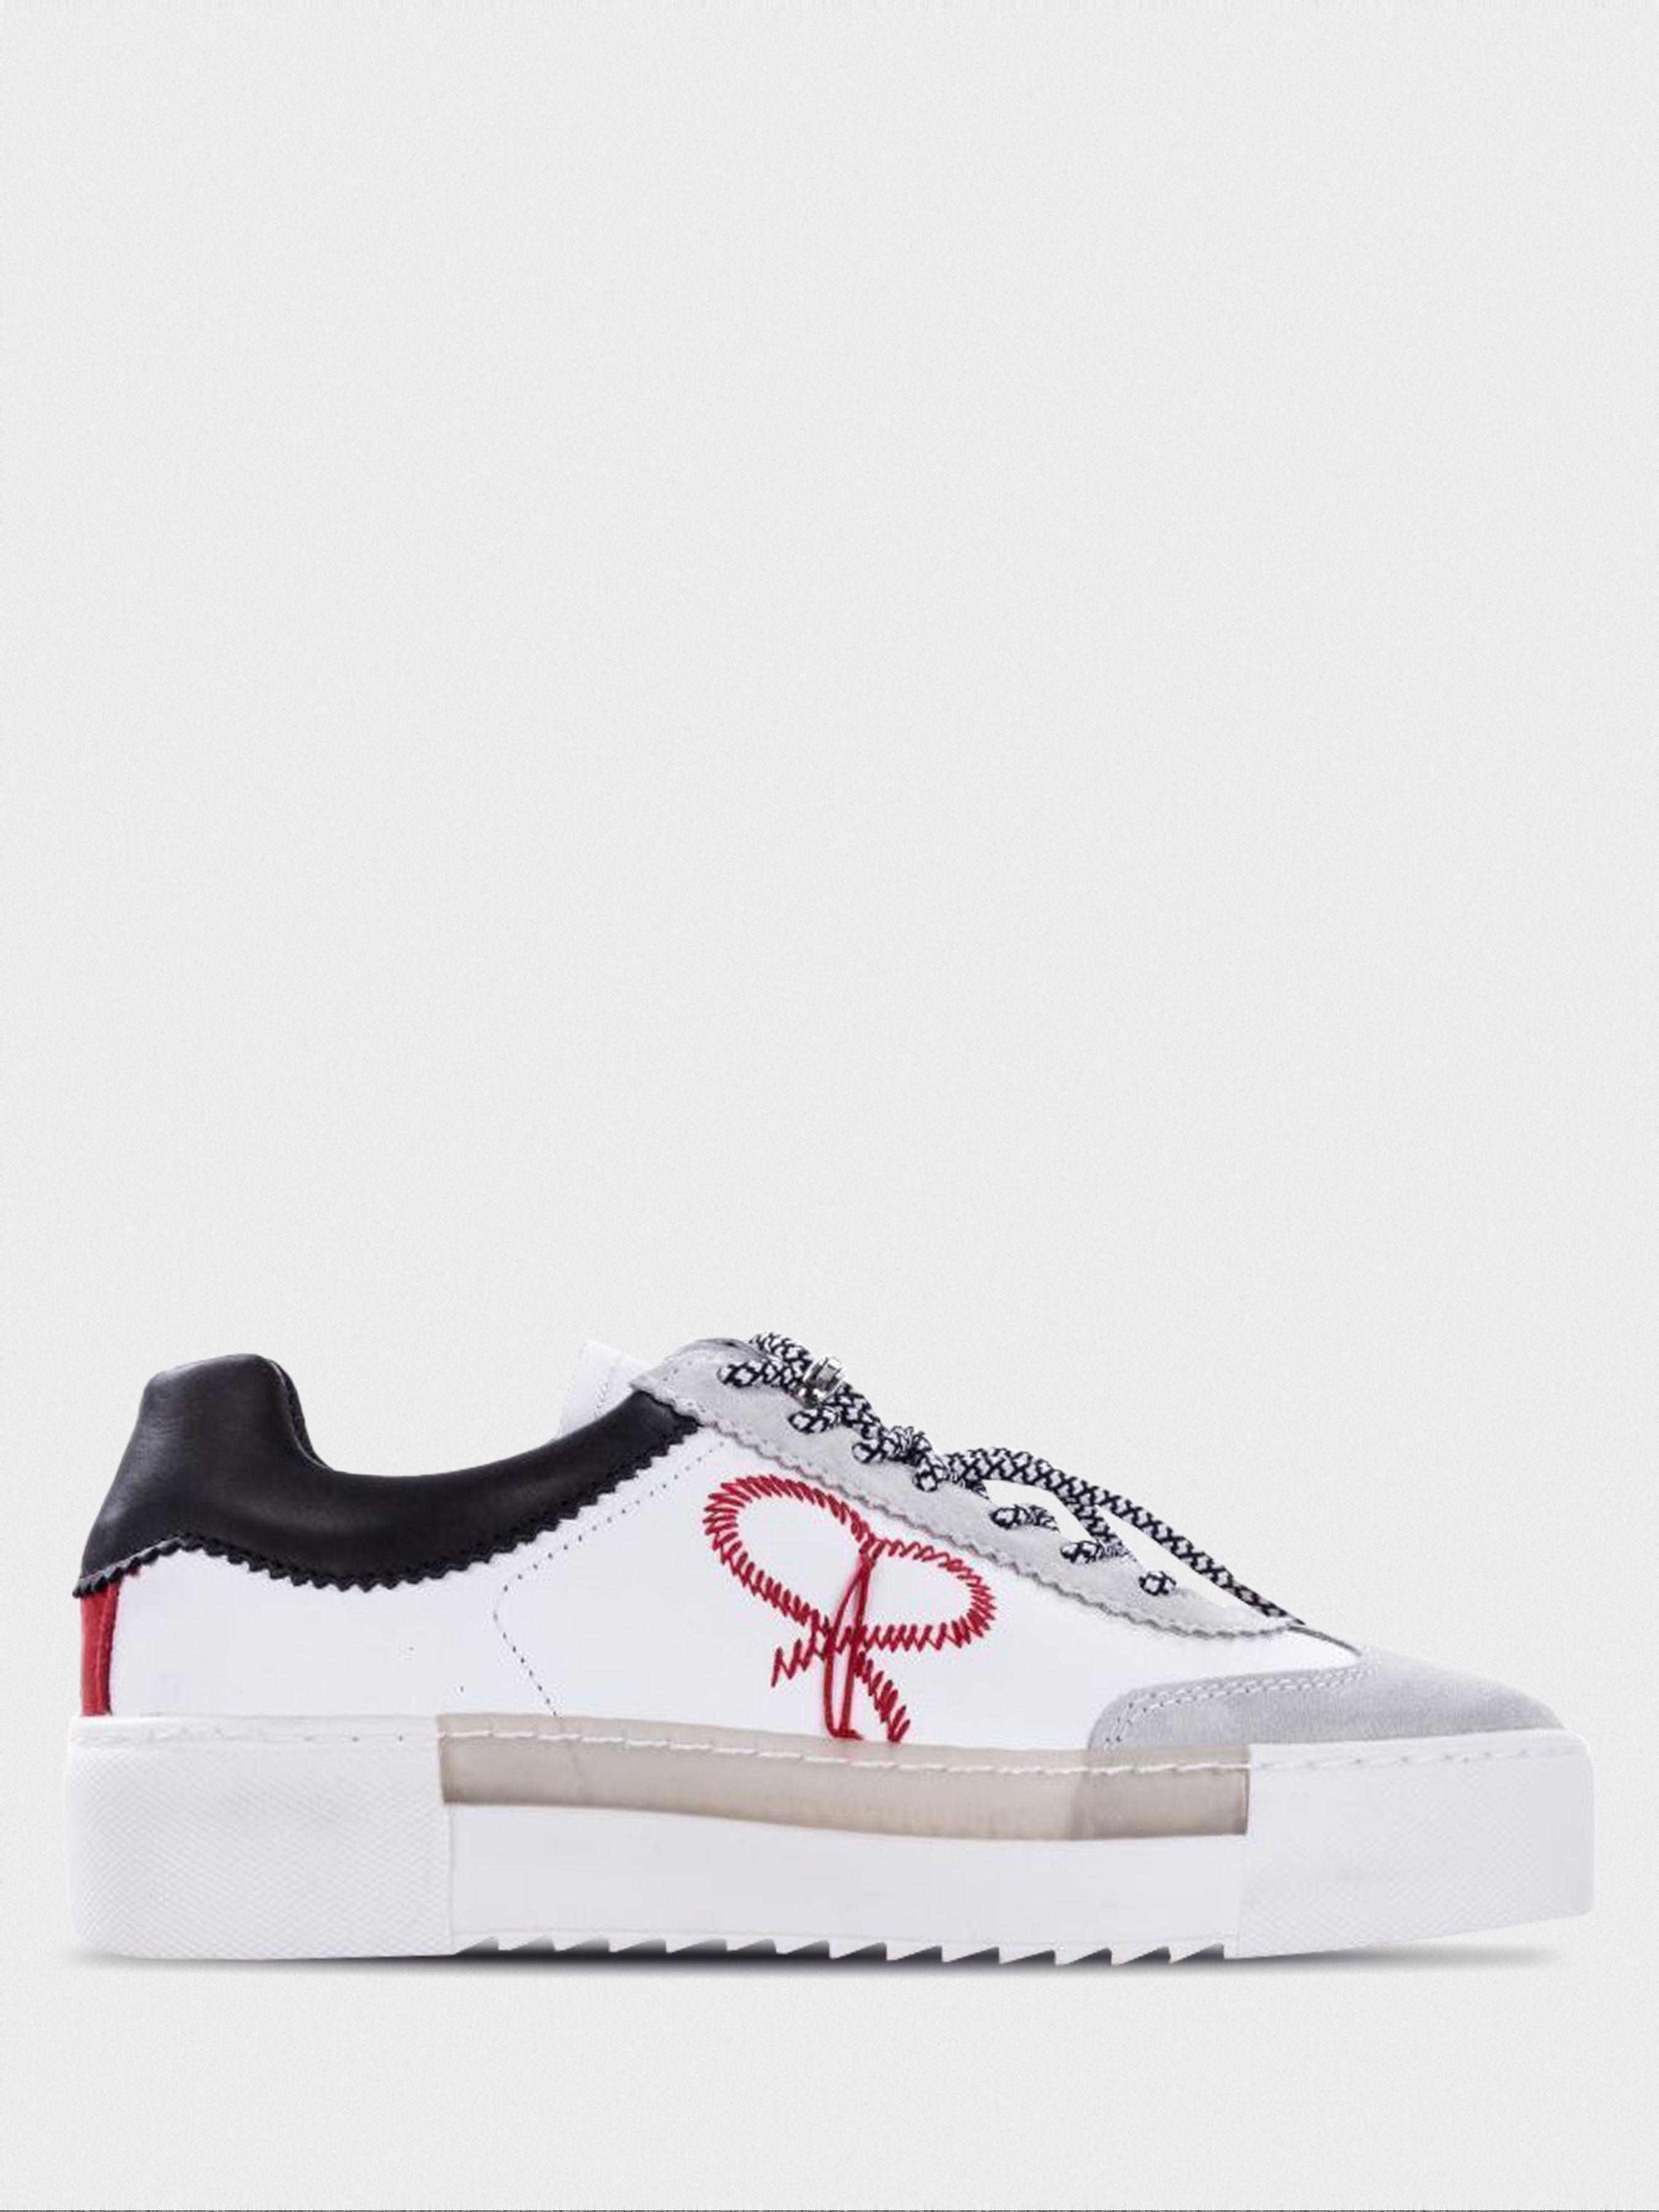 Каталог бренда Bronx  купить обувь, аксессуары в Киеве, Украине    интернет-магазин INTERTOP.UA 2da86e7874f